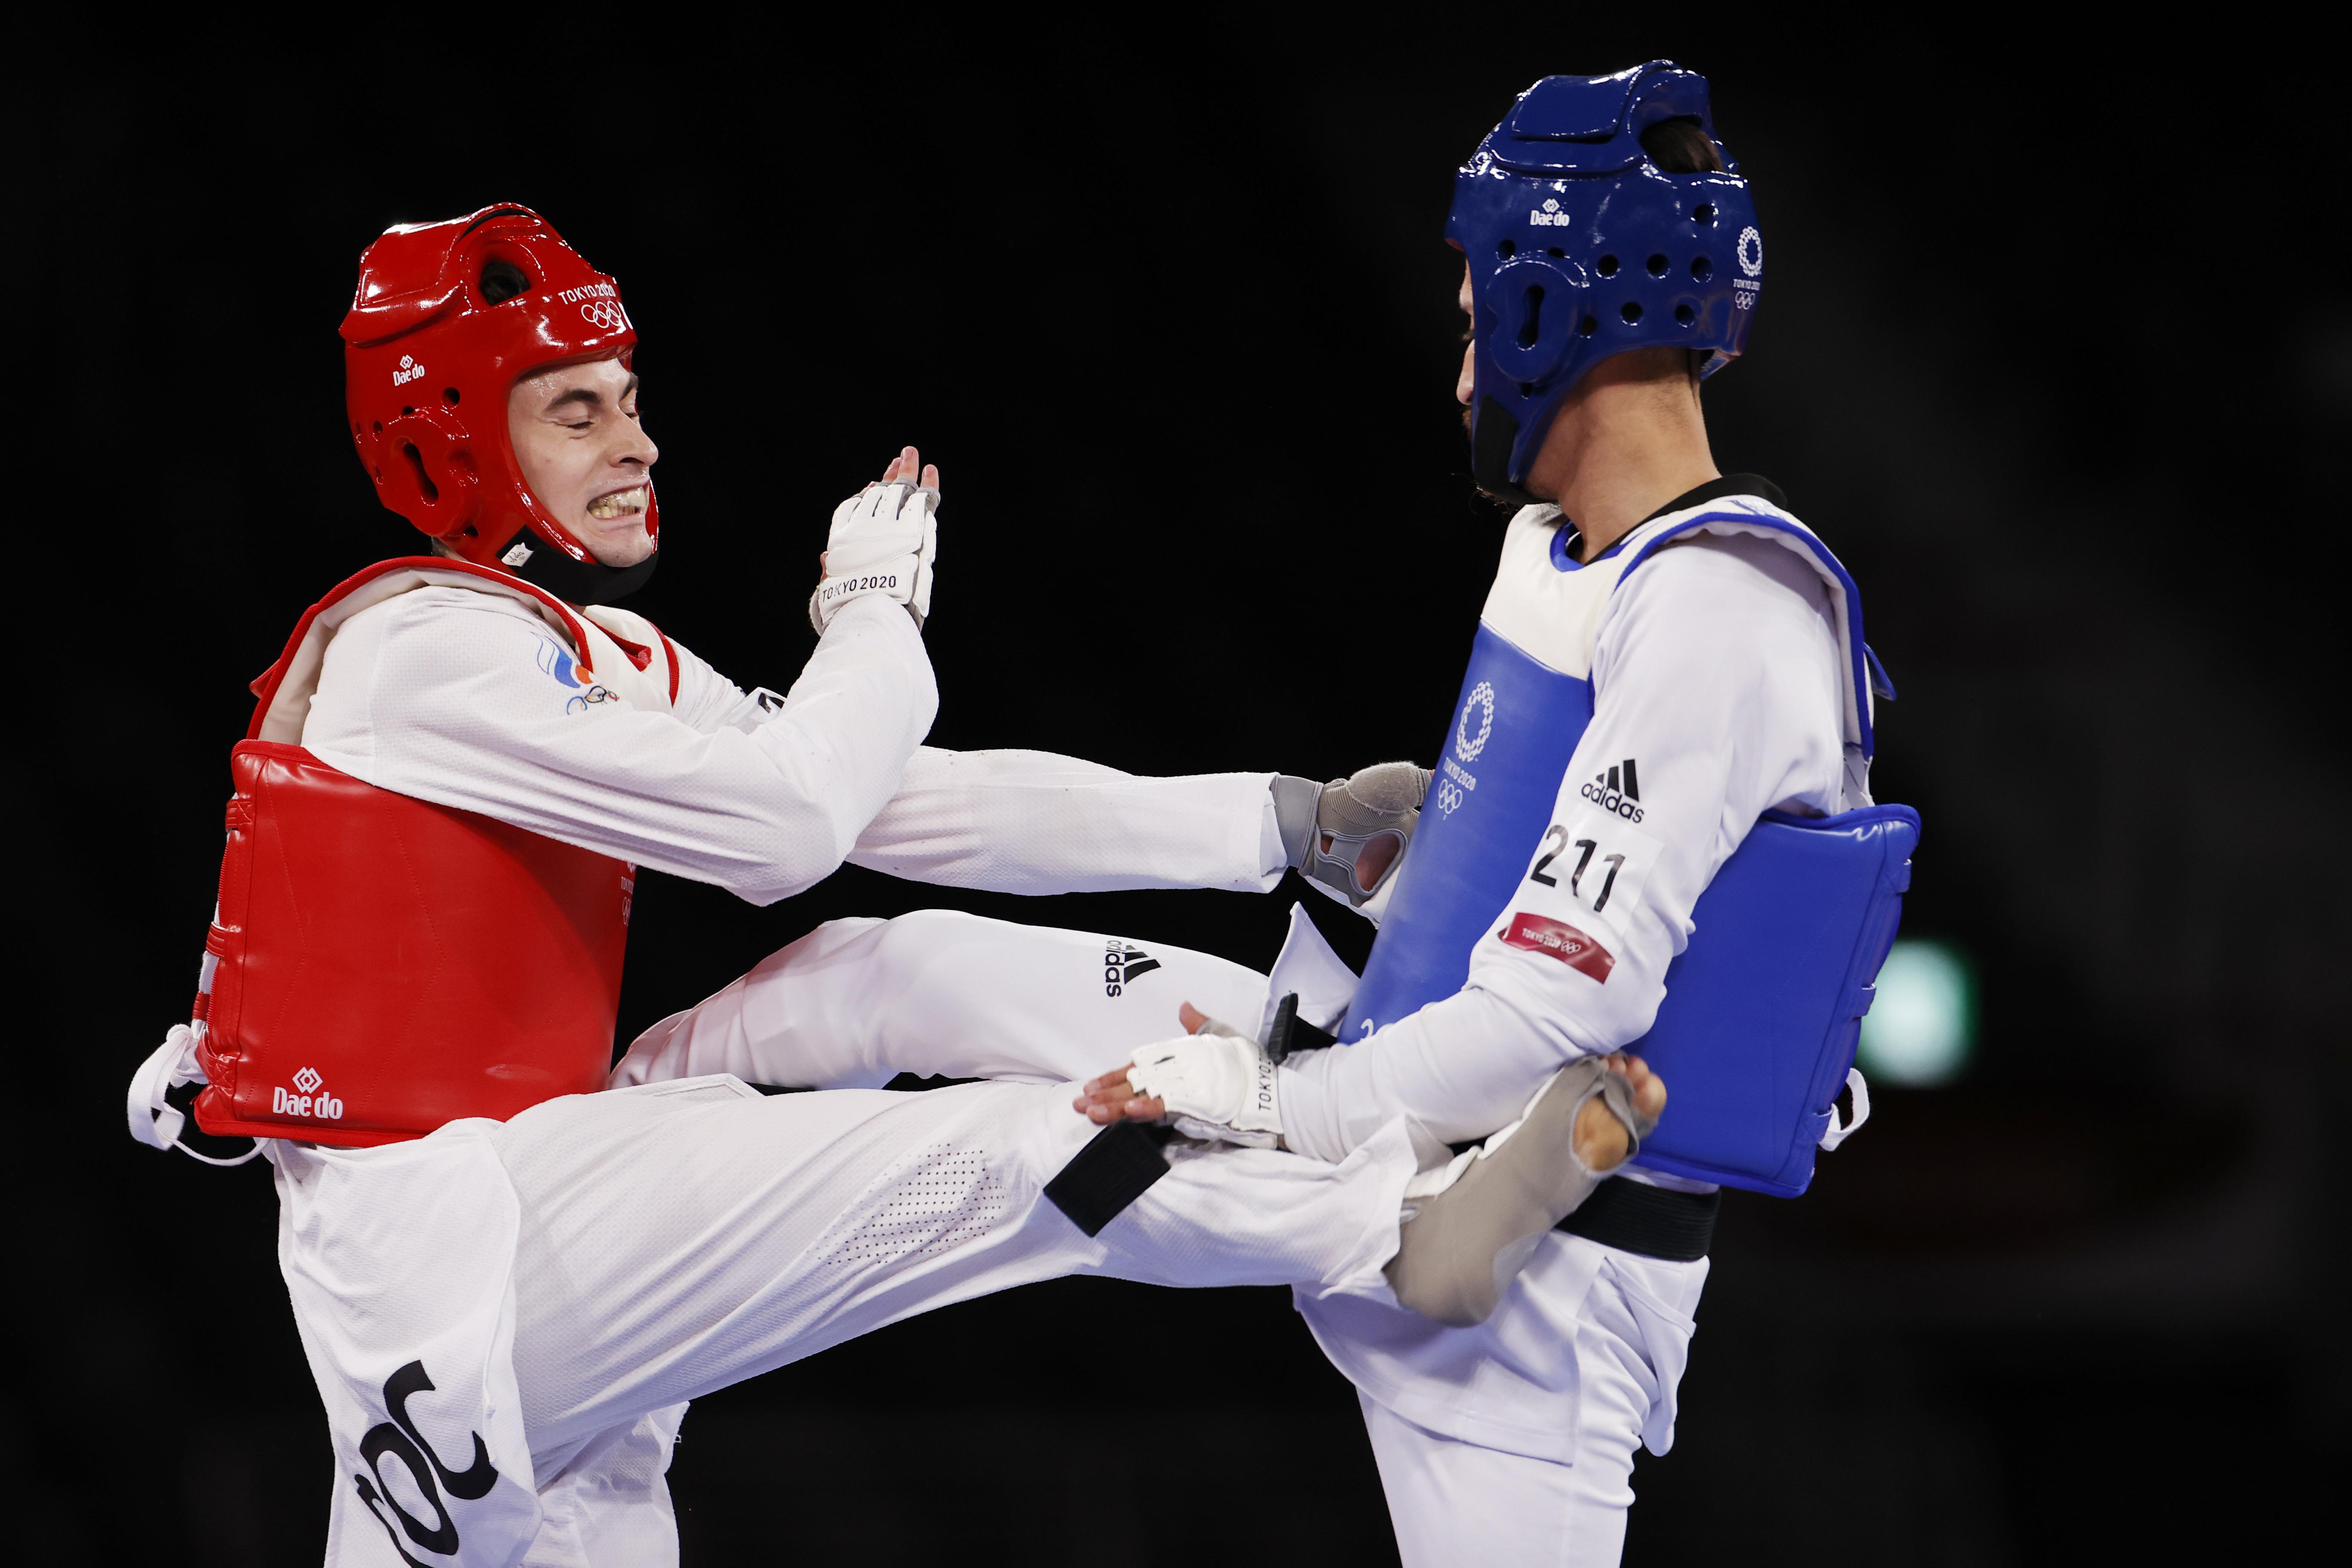 Артамонов — о бронзе на Олимпиаде: Я рад, потому что возможности побороться за медаль могло и не представиться - фото